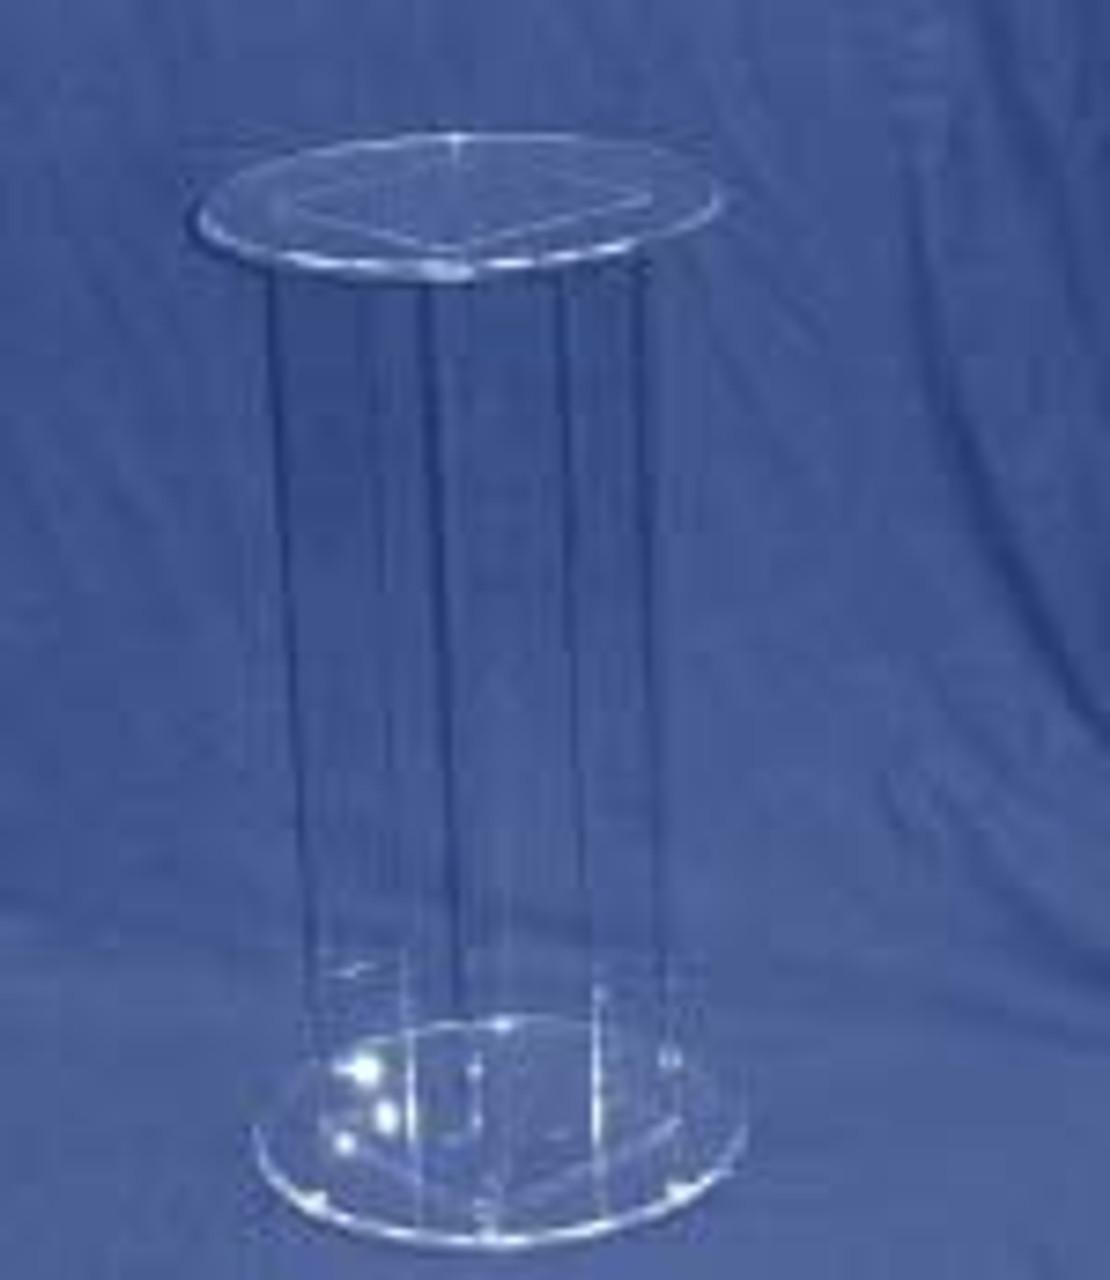 Circular Acrylic Pedestal, 24 Inch, Clear